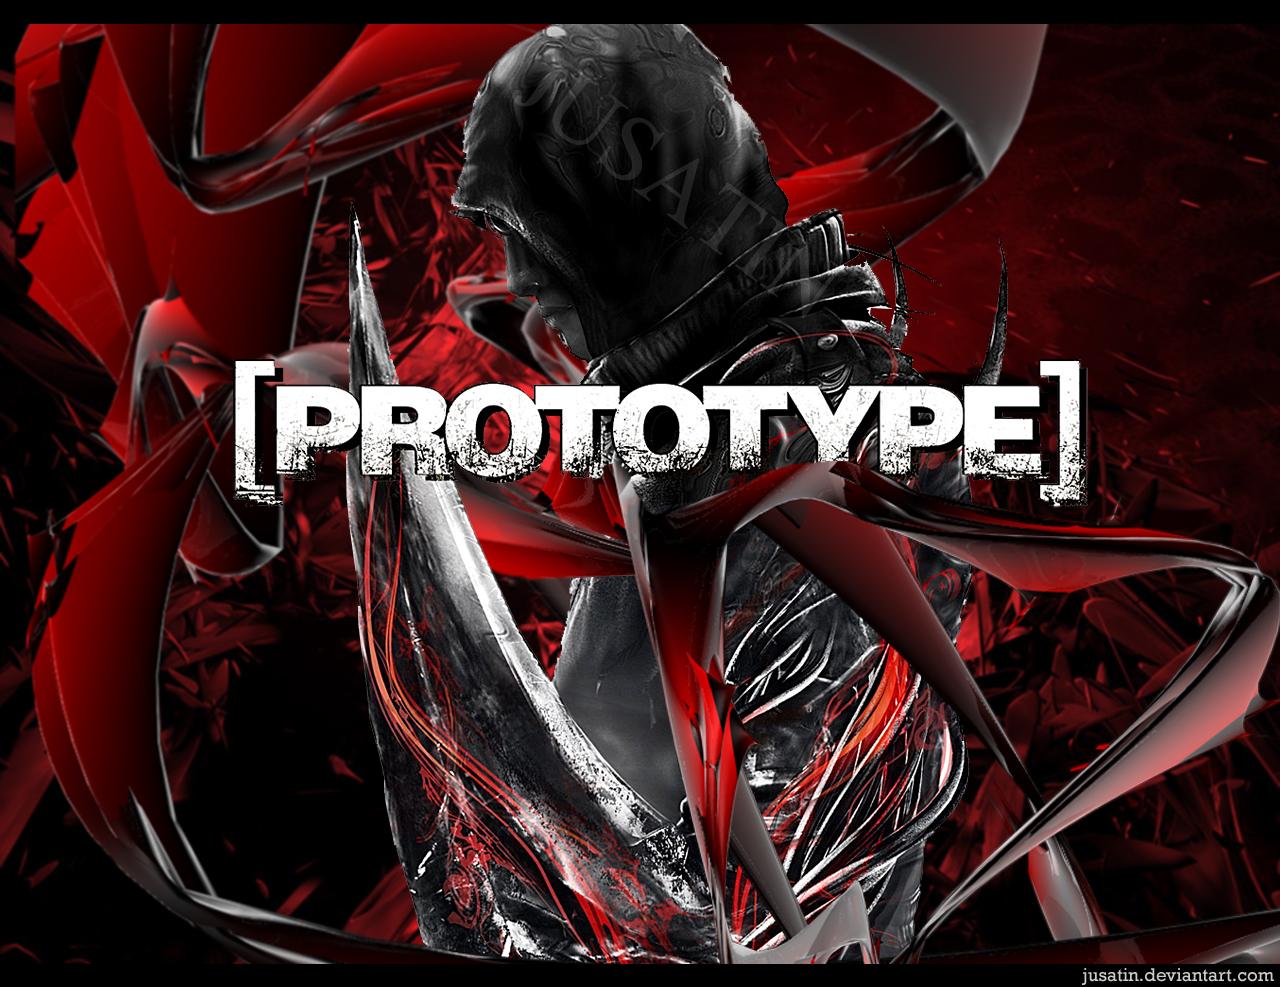 prototype-wallpaper-v2jusatin on deviantart